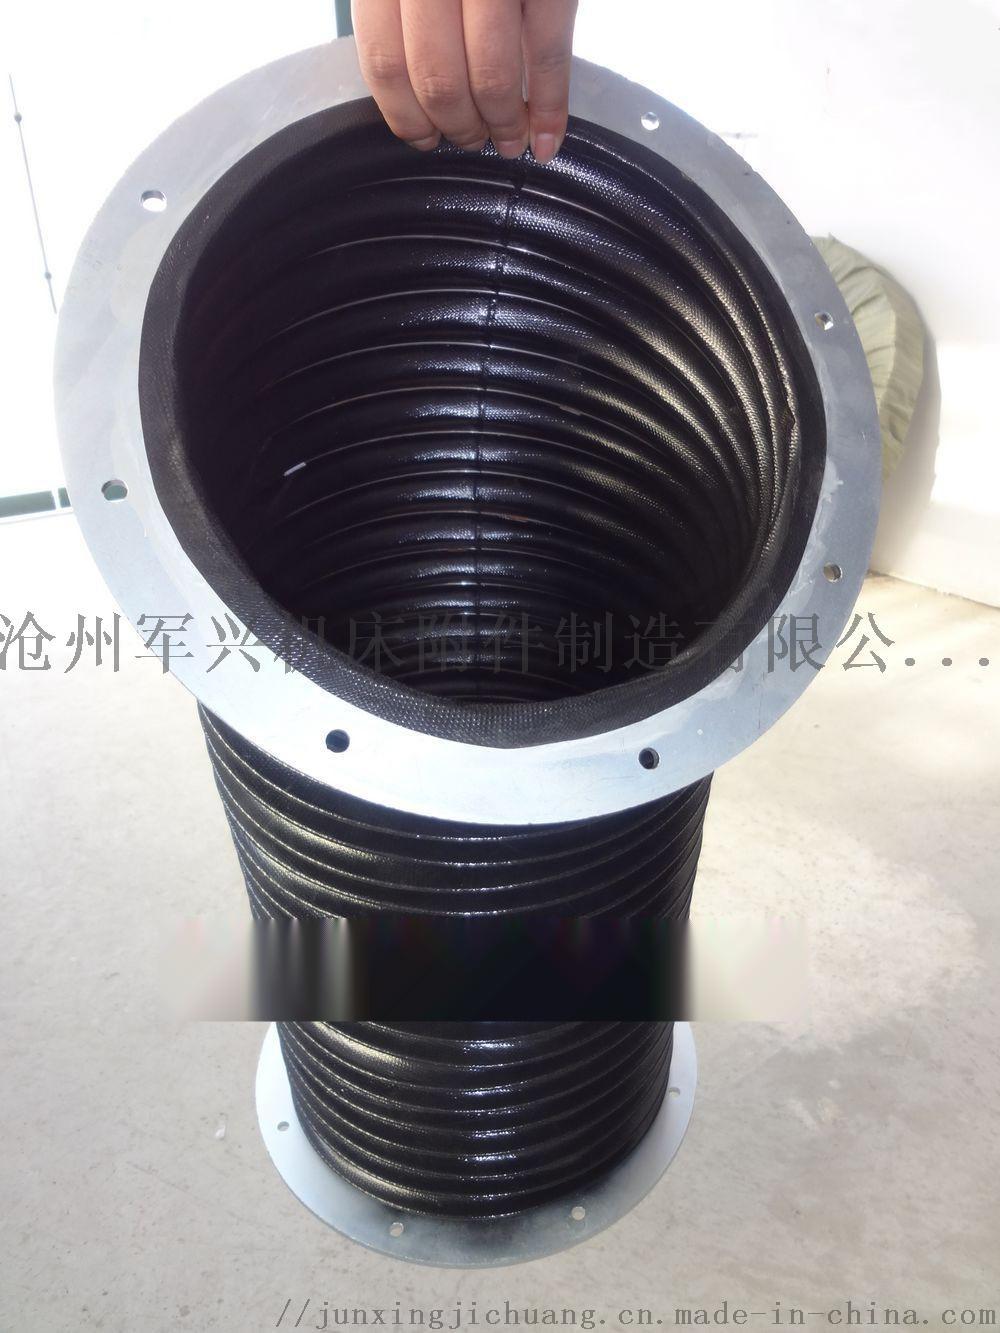 油缸保護套 三防布 耐油 耐腐蝕 圓筒式防護罩98274192